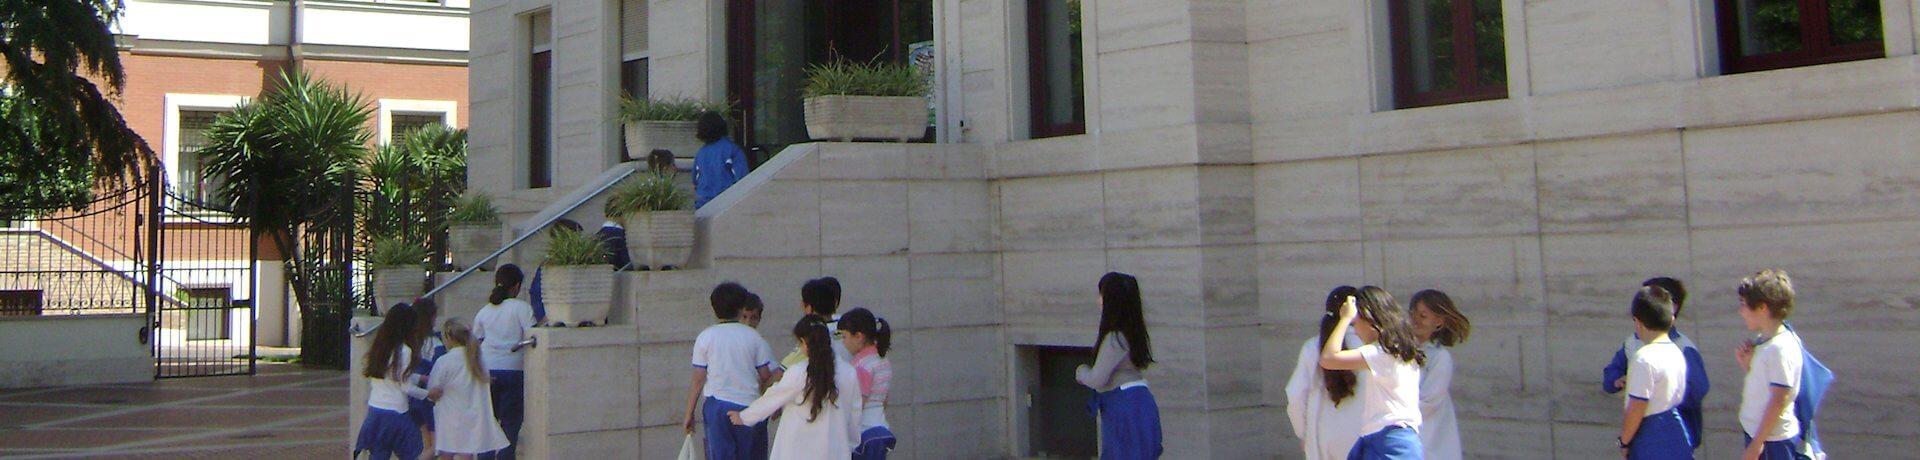 Istituto Sacro Cuore Roma Scuola Sacro Cuore - Bambini che giocano